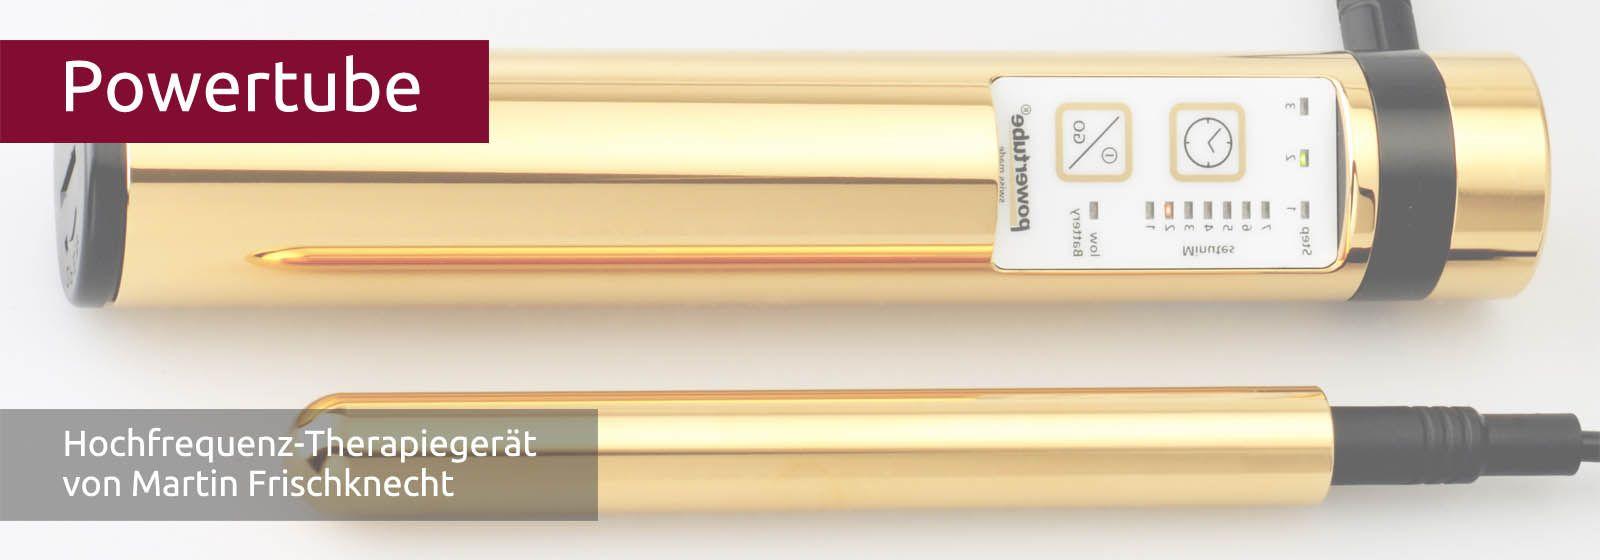 Man sieht das goldene, stabförmige Hochfrequenz-Gerät mit Zusatzelektrode